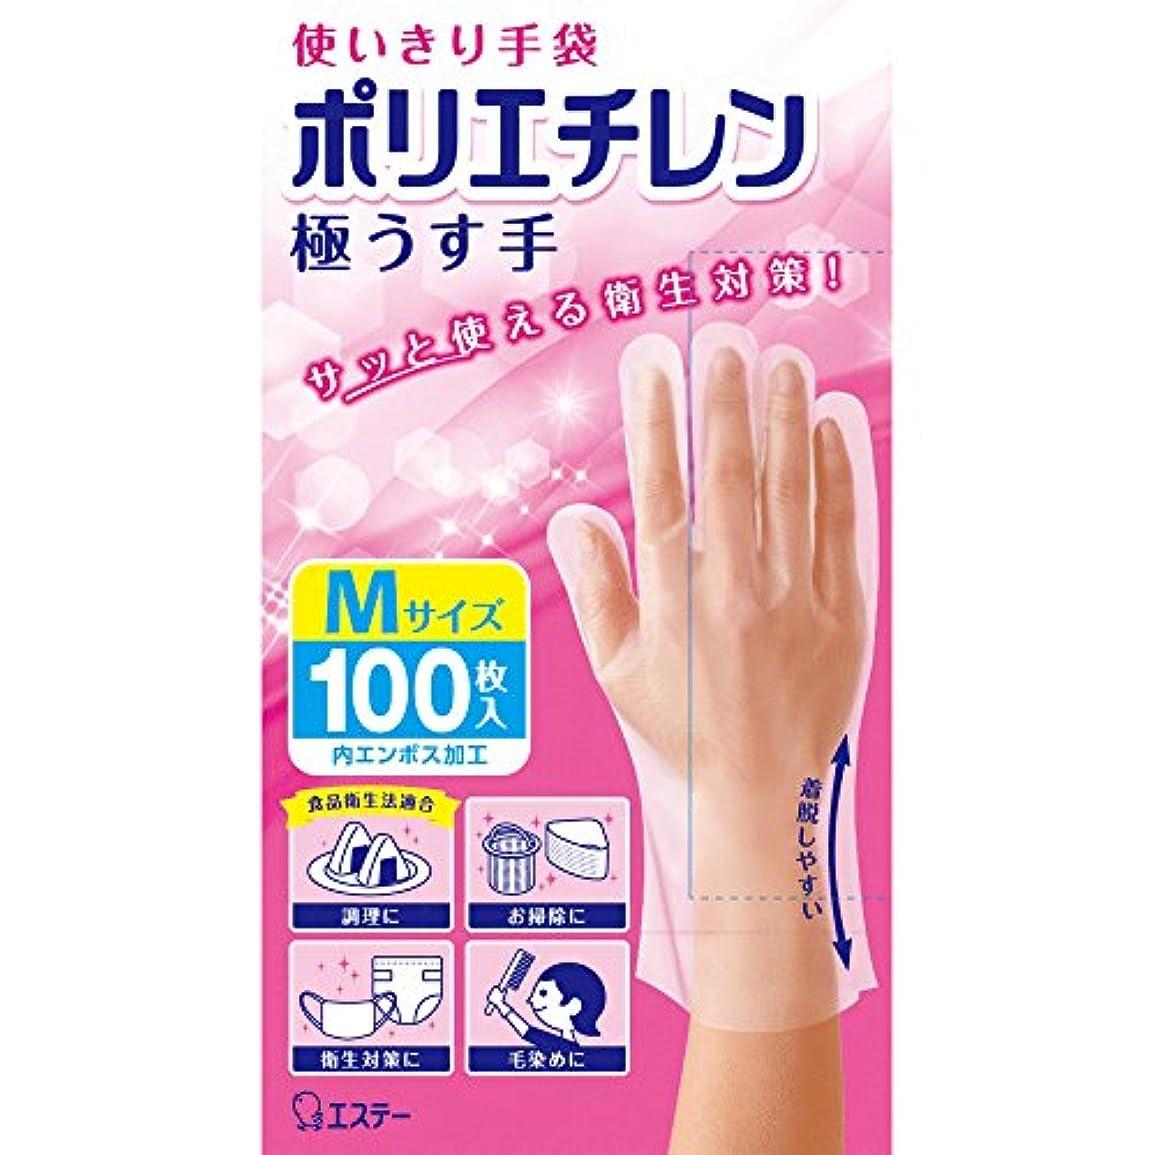 並外れてアナログリル使いきり手袋 ポリエチレン 極うす手 Mサイズ 半透明 100枚 使い捨て 食品衛生法適合